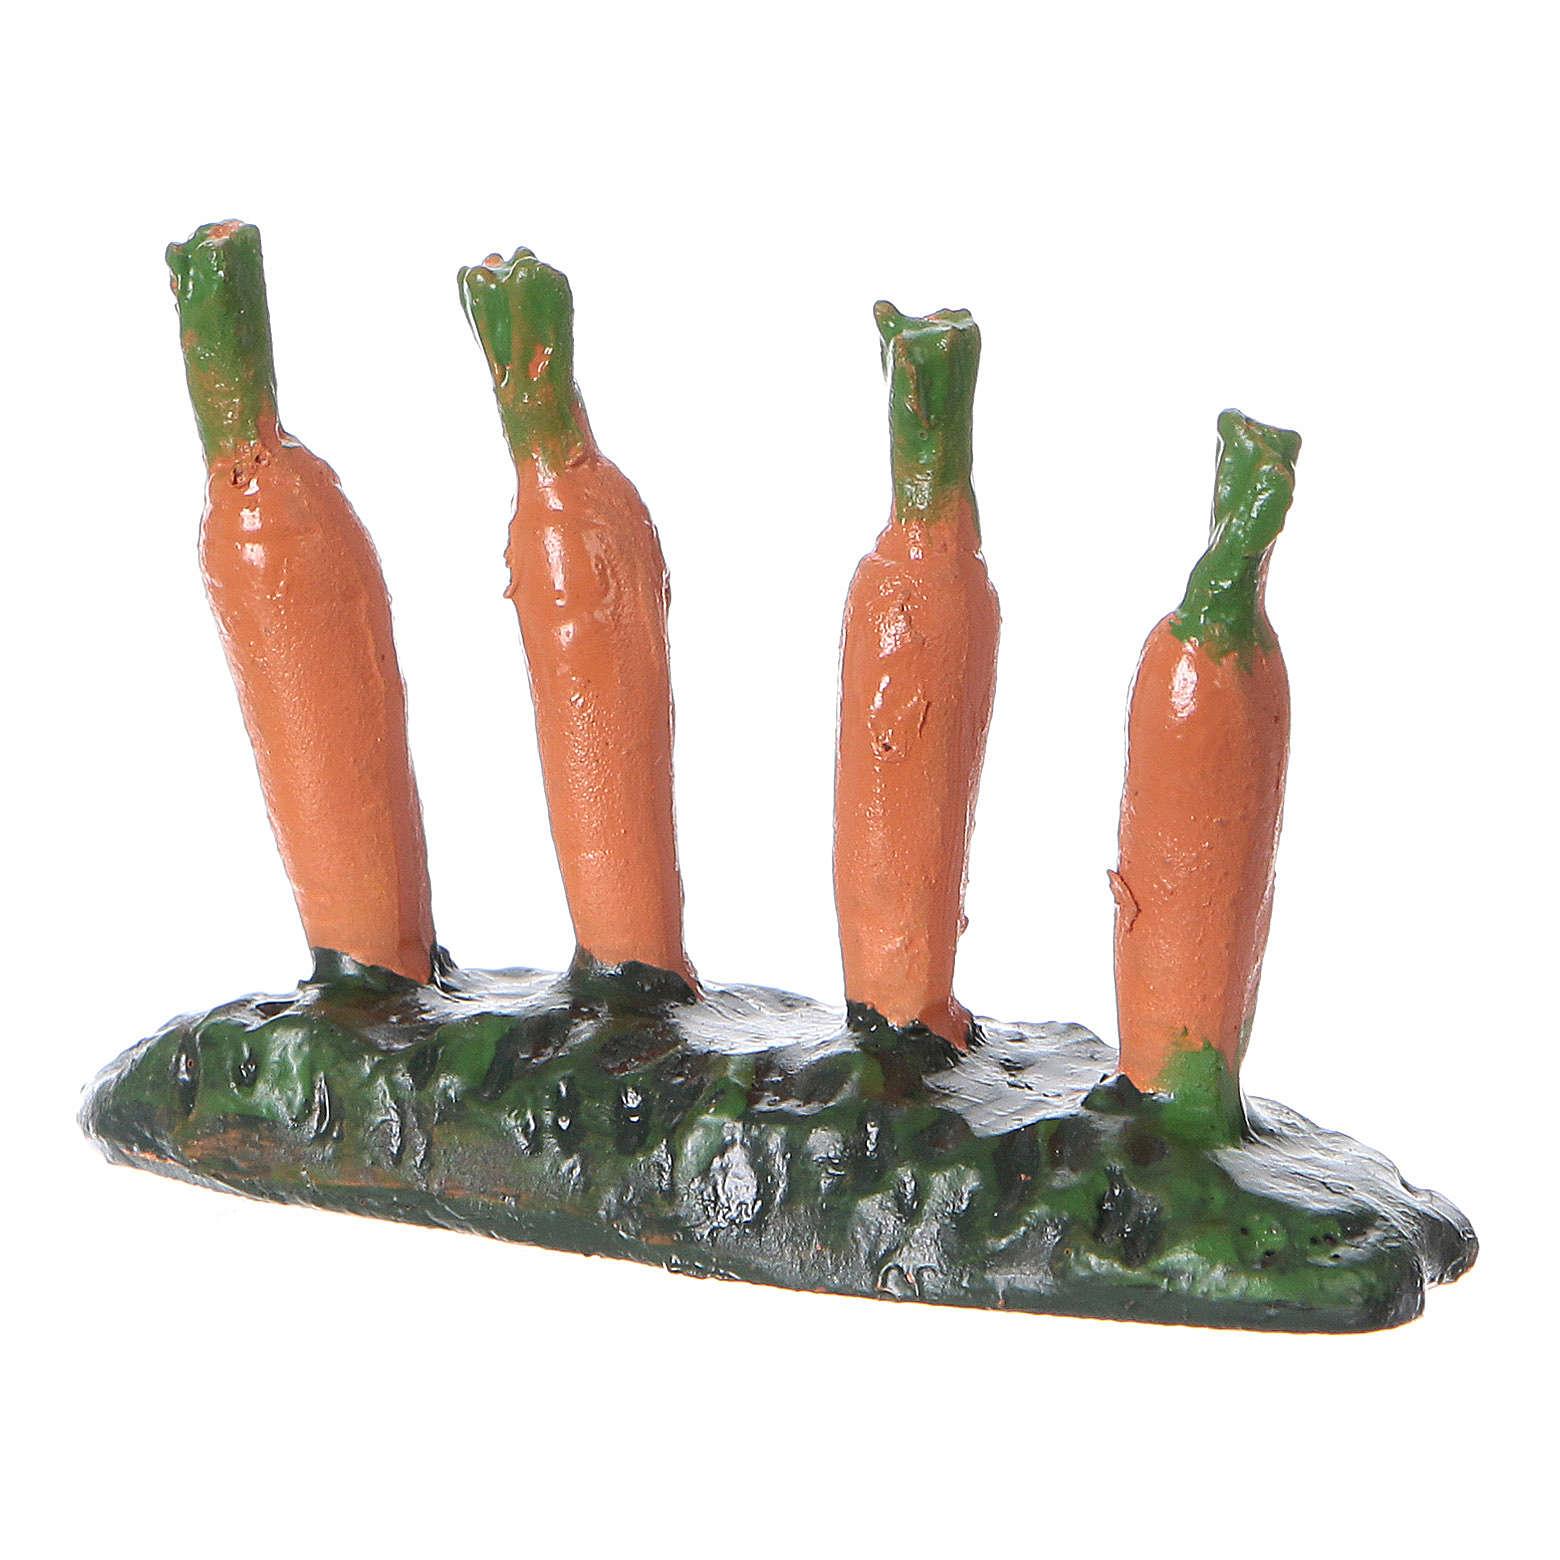 Fila di carote piantate orto 5x5x5 cm presepe 7 cm 4